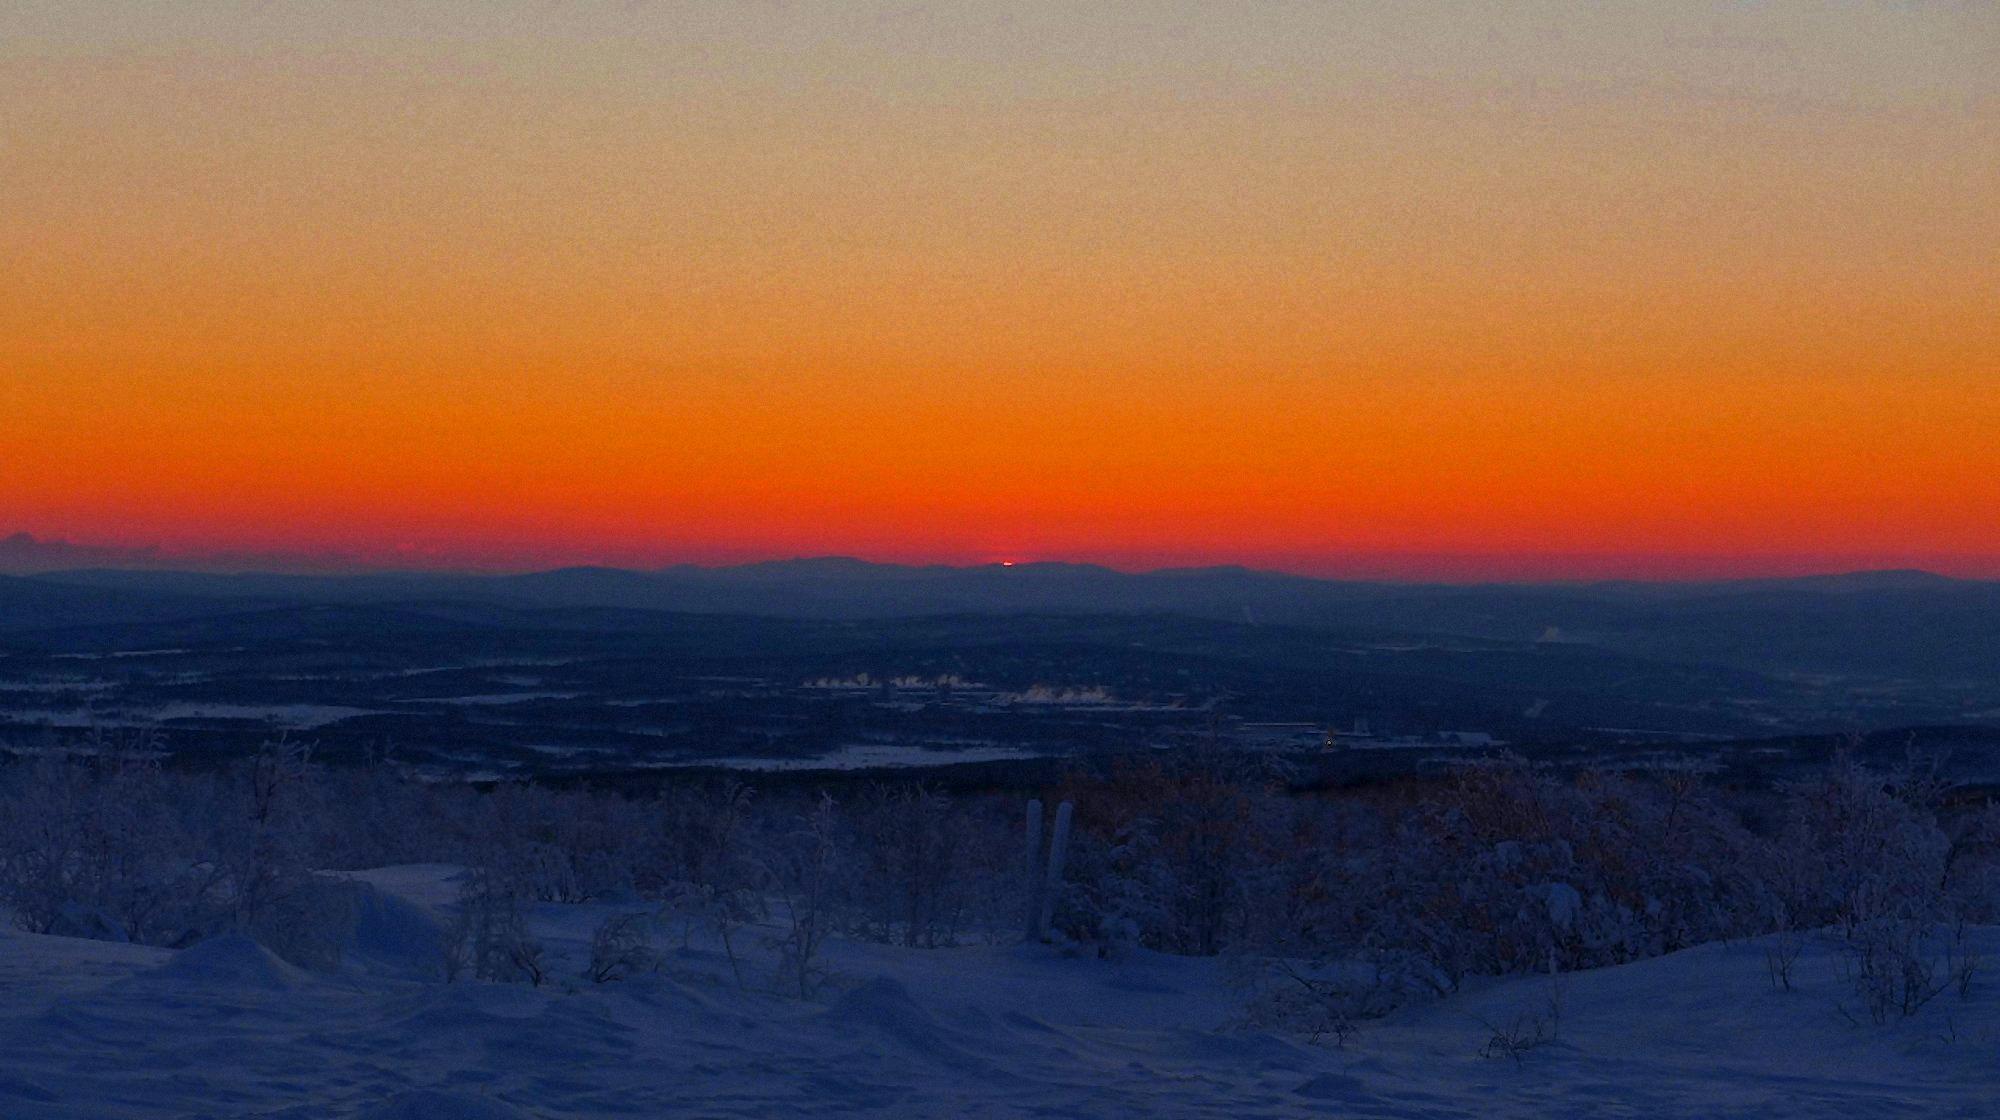 00 polar sunset in Murmansk 061215